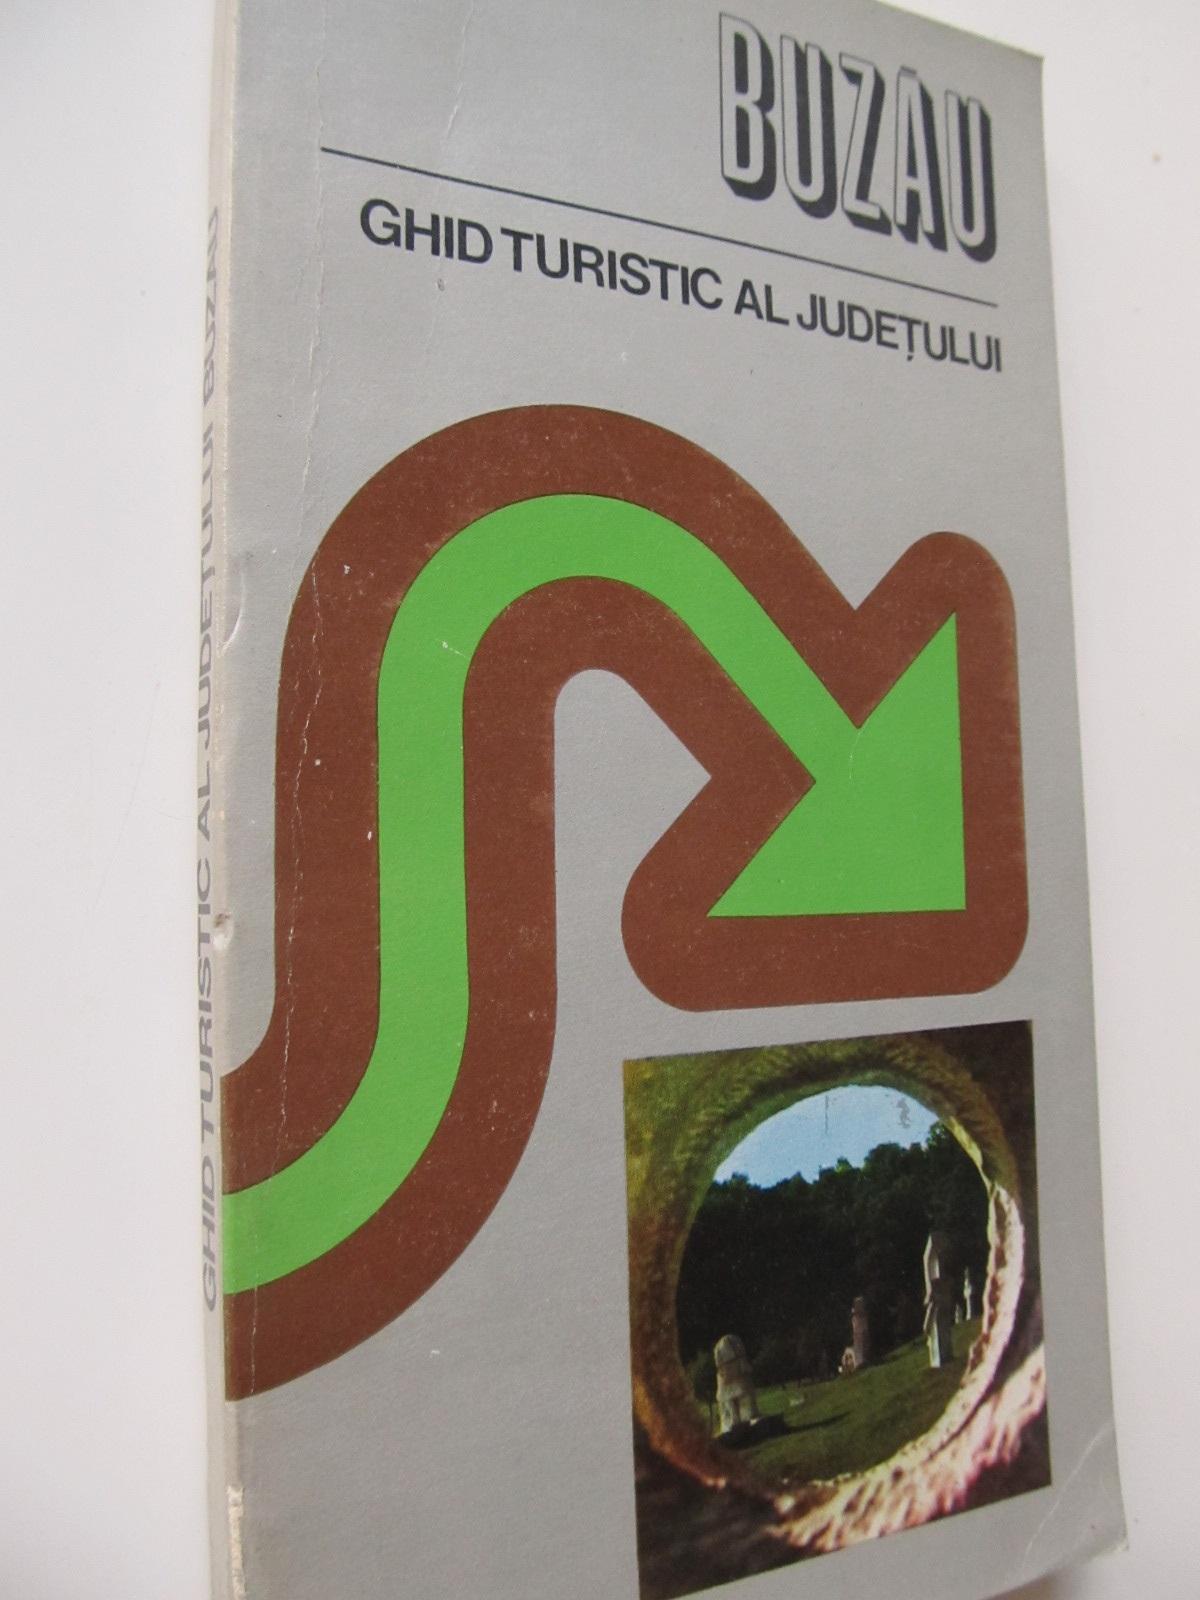 Buzau - Ghid turistic al judetului (cu harta) - Lazar Baciucu , ...   Detalii carte